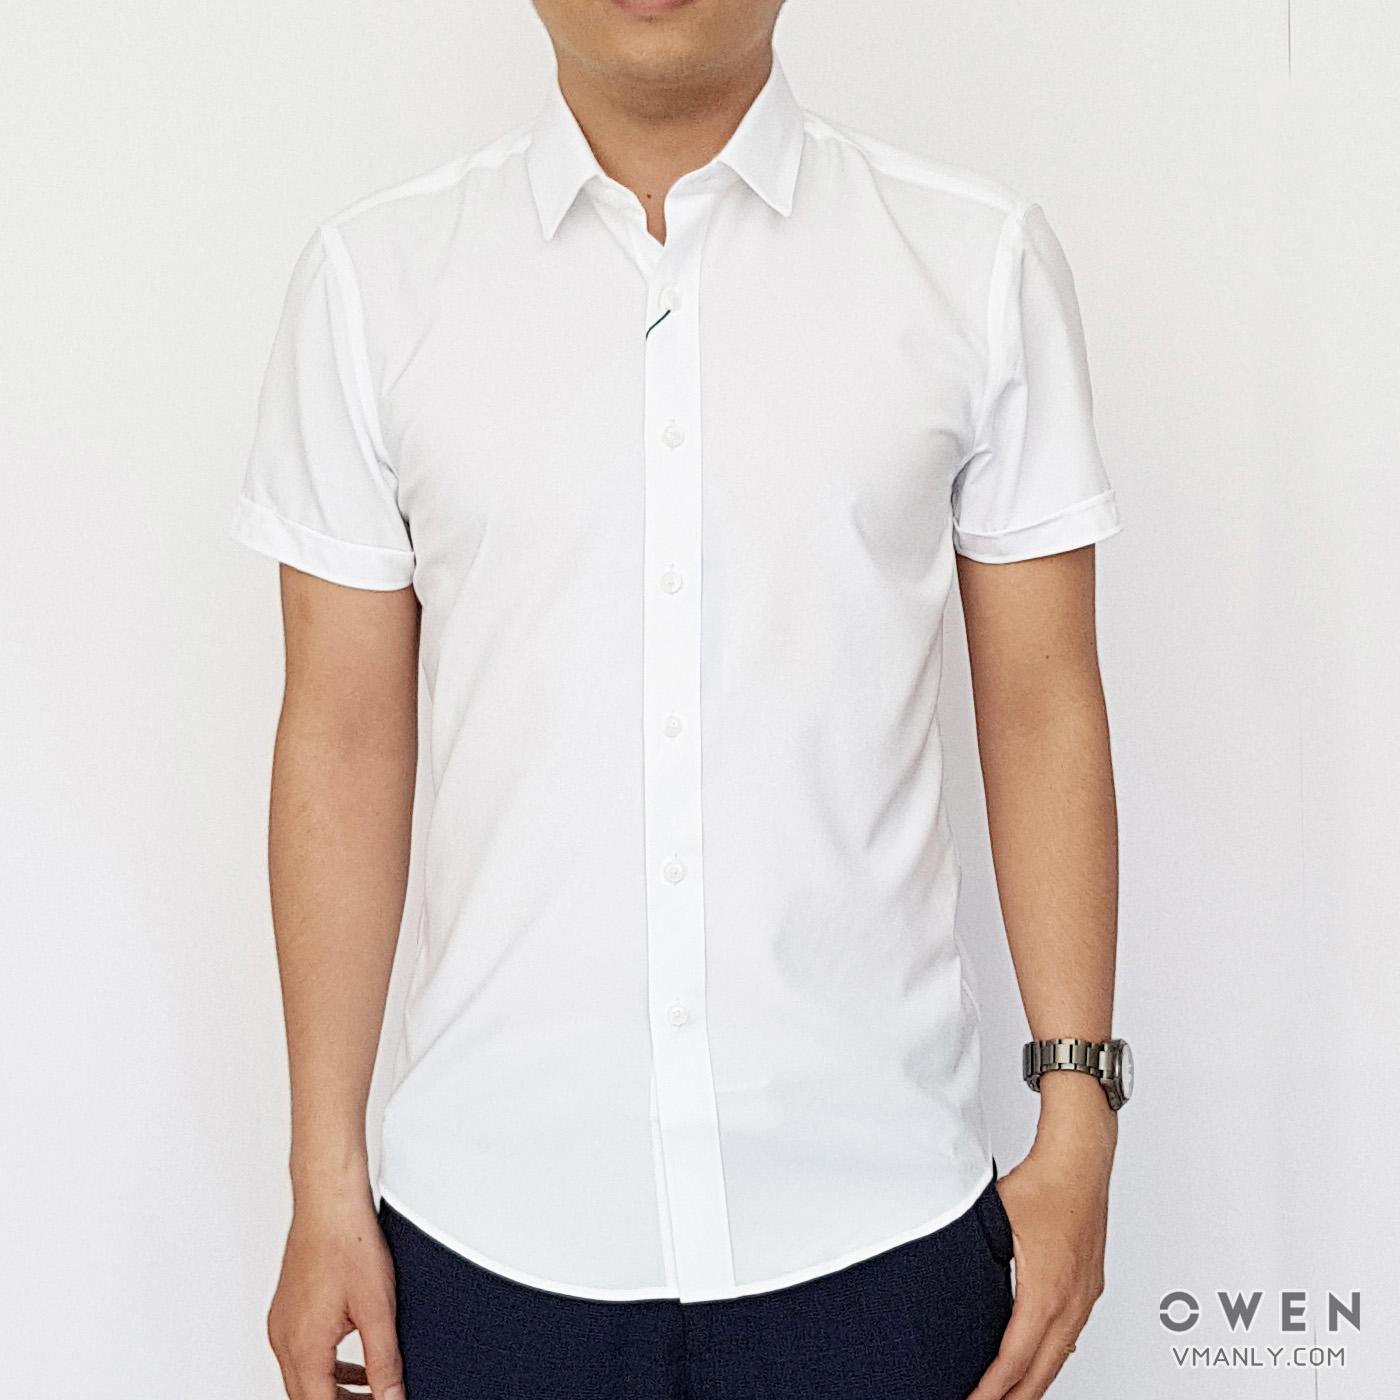 Áo sơ mi nam ngắn tay Owen màu trắng trơn AS90782N1